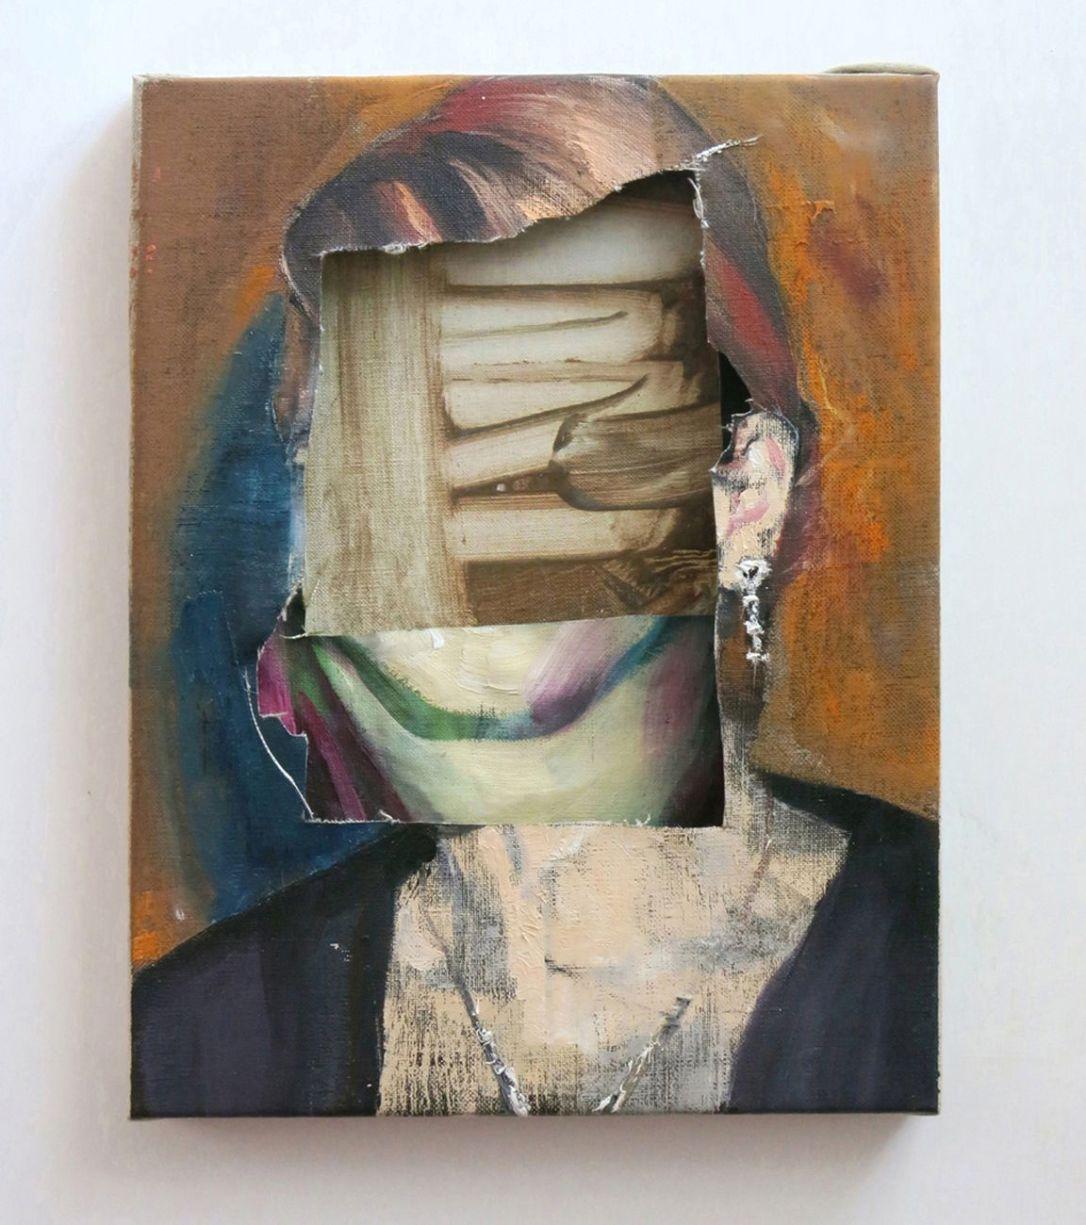 Alessandro-Scarabello-Head-1-2014-olio-su-tele-sovrapposte-cm-275x21.-Courtesy-The-Gallery-Apart-Roma